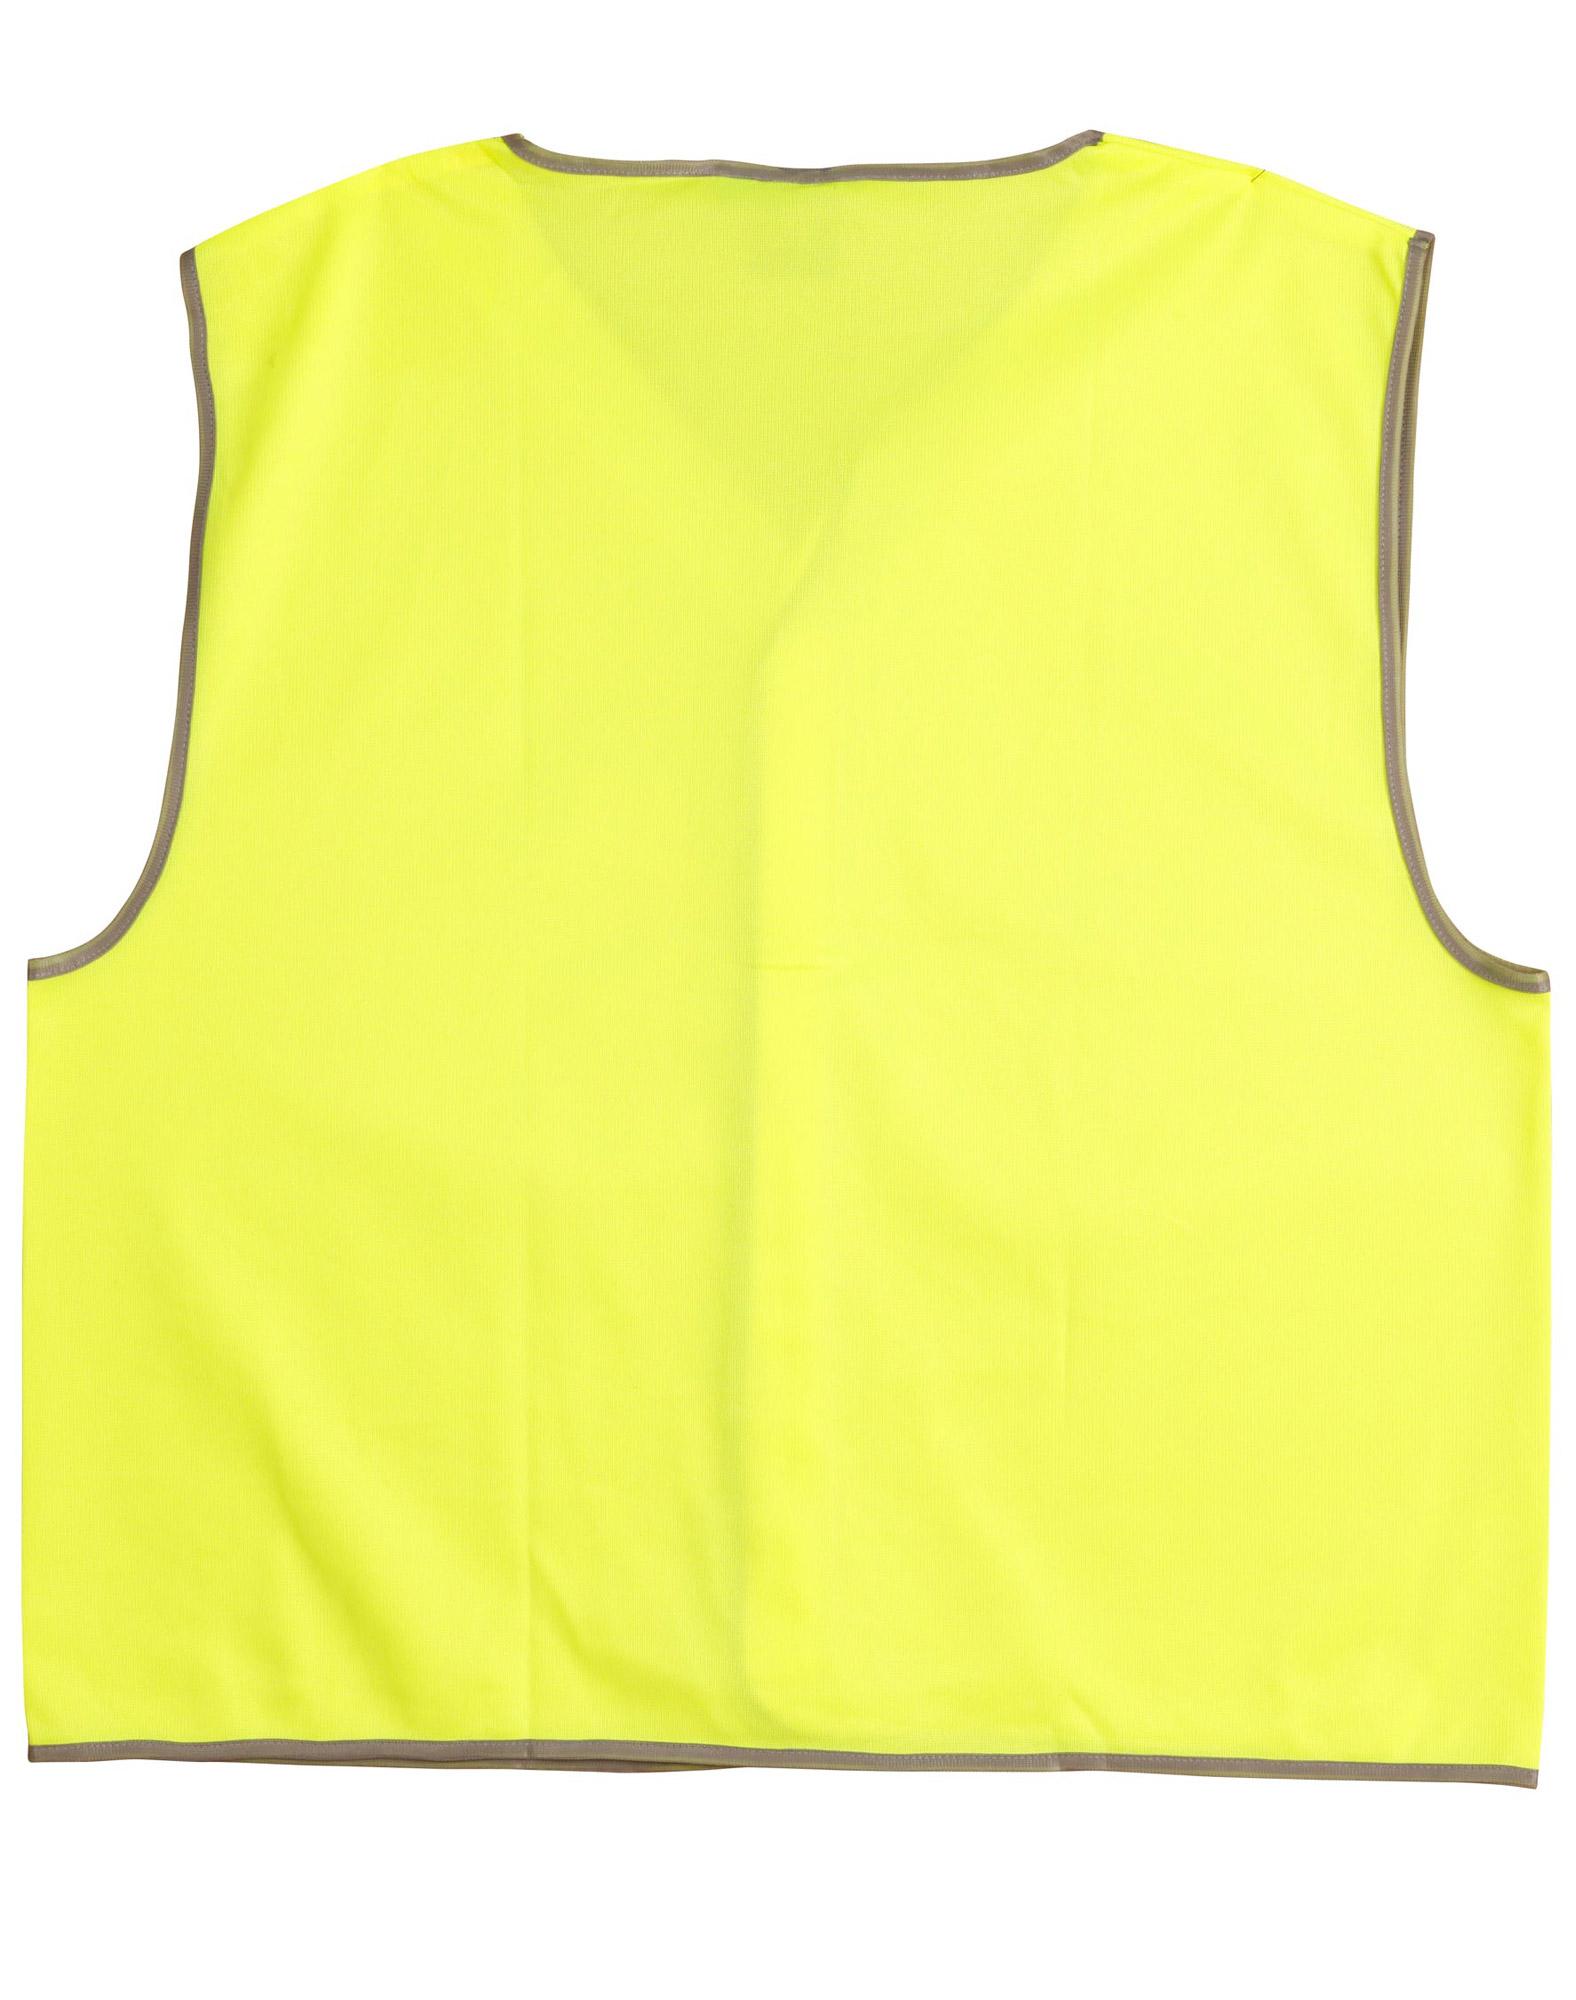 http://ws-imgs.s3.amazonaws.com/WORKWEAR/SW02K_Yellow_Back_l.jpg